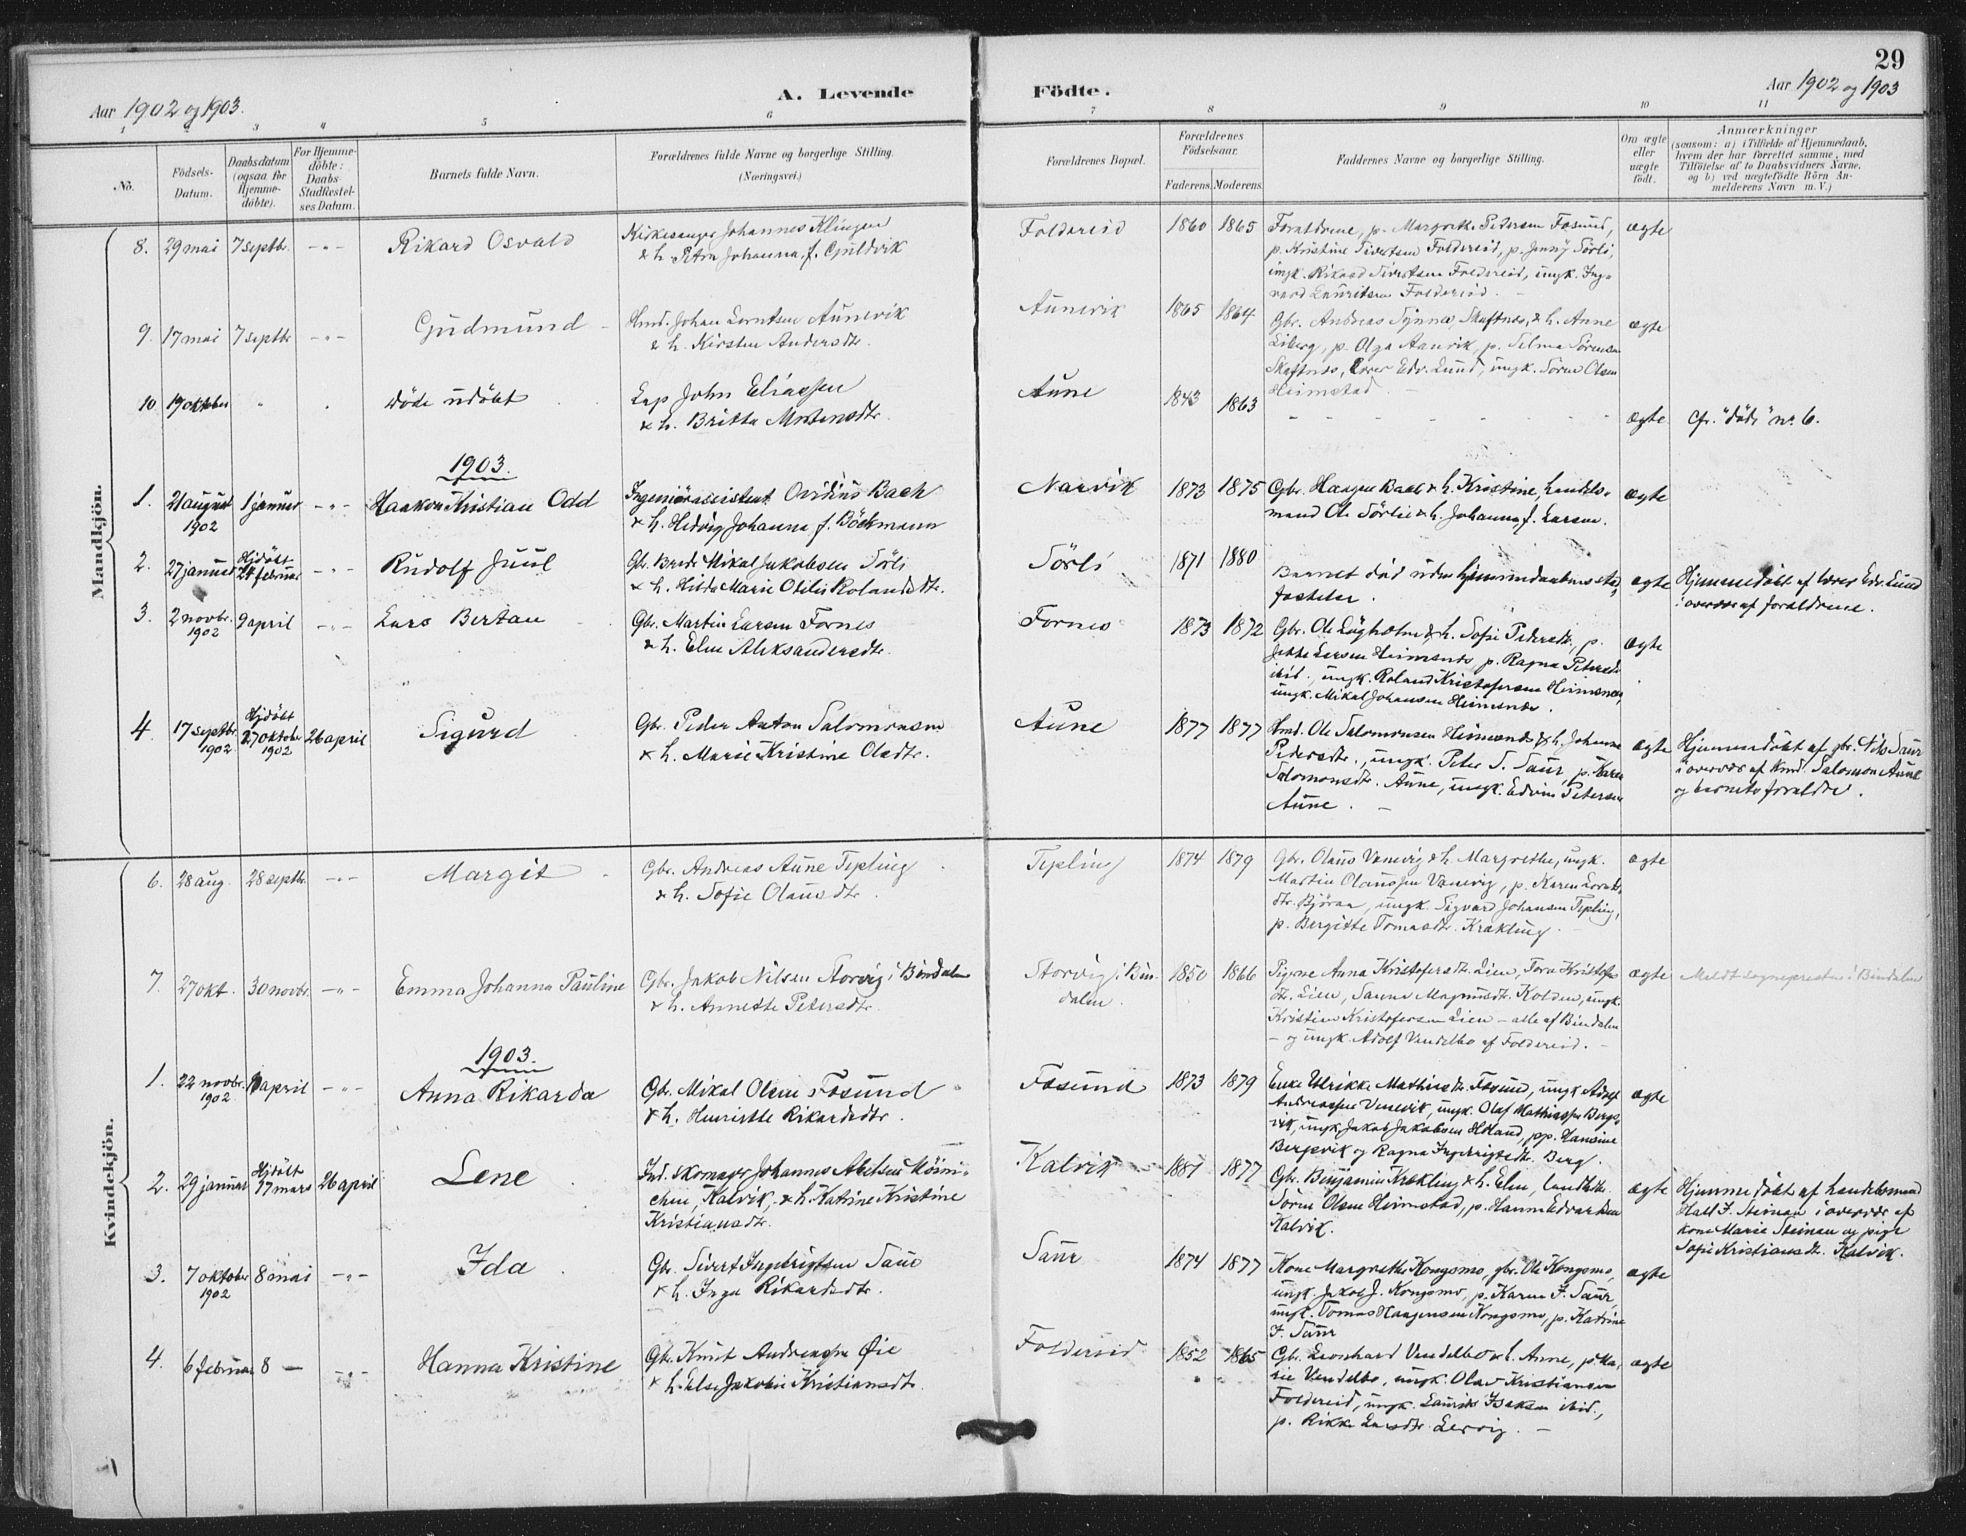 SAT, Ministerialprotokoller, klokkerbøker og fødselsregistre - Nord-Trøndelag, 783/L0660: Ministerialbok nr. 783A02, 1886-1918, s. 29